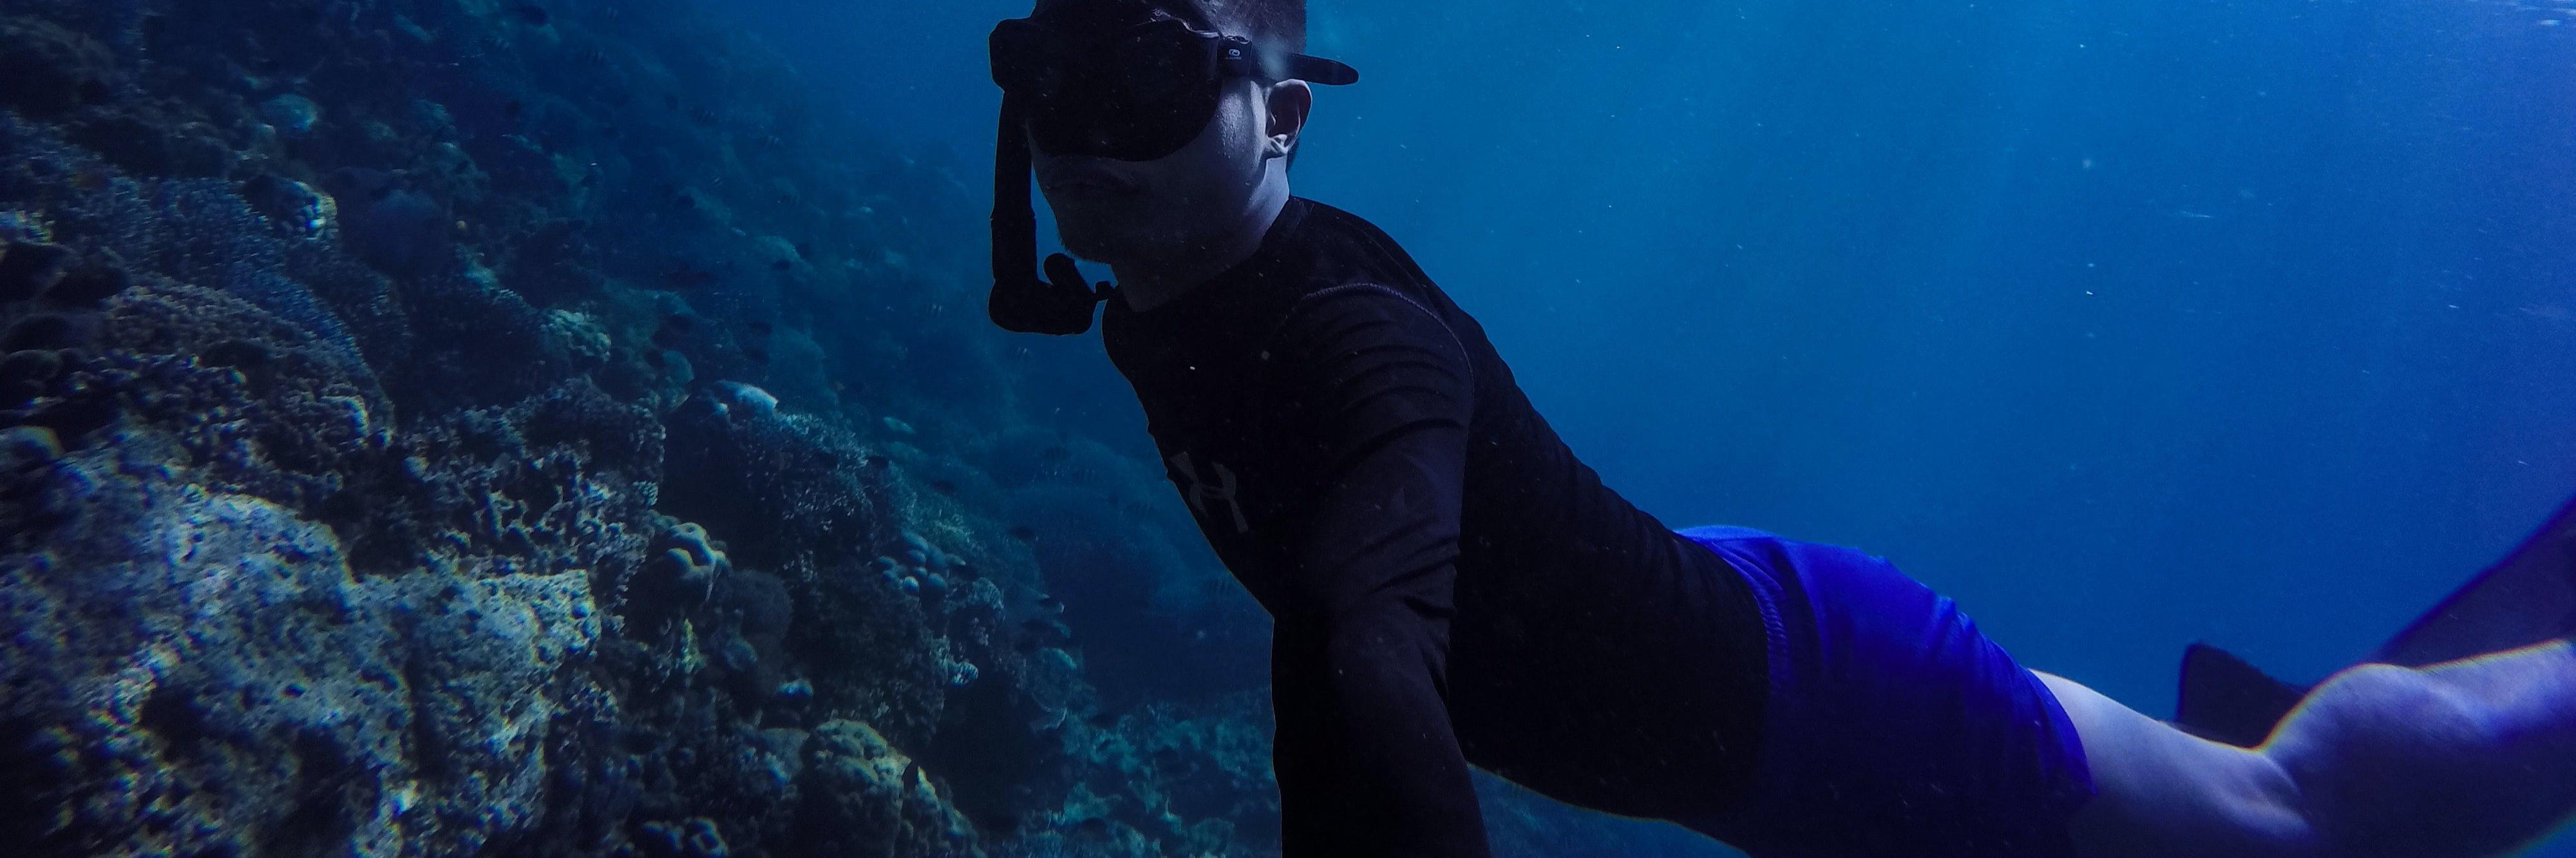 man-in-underwear-diving